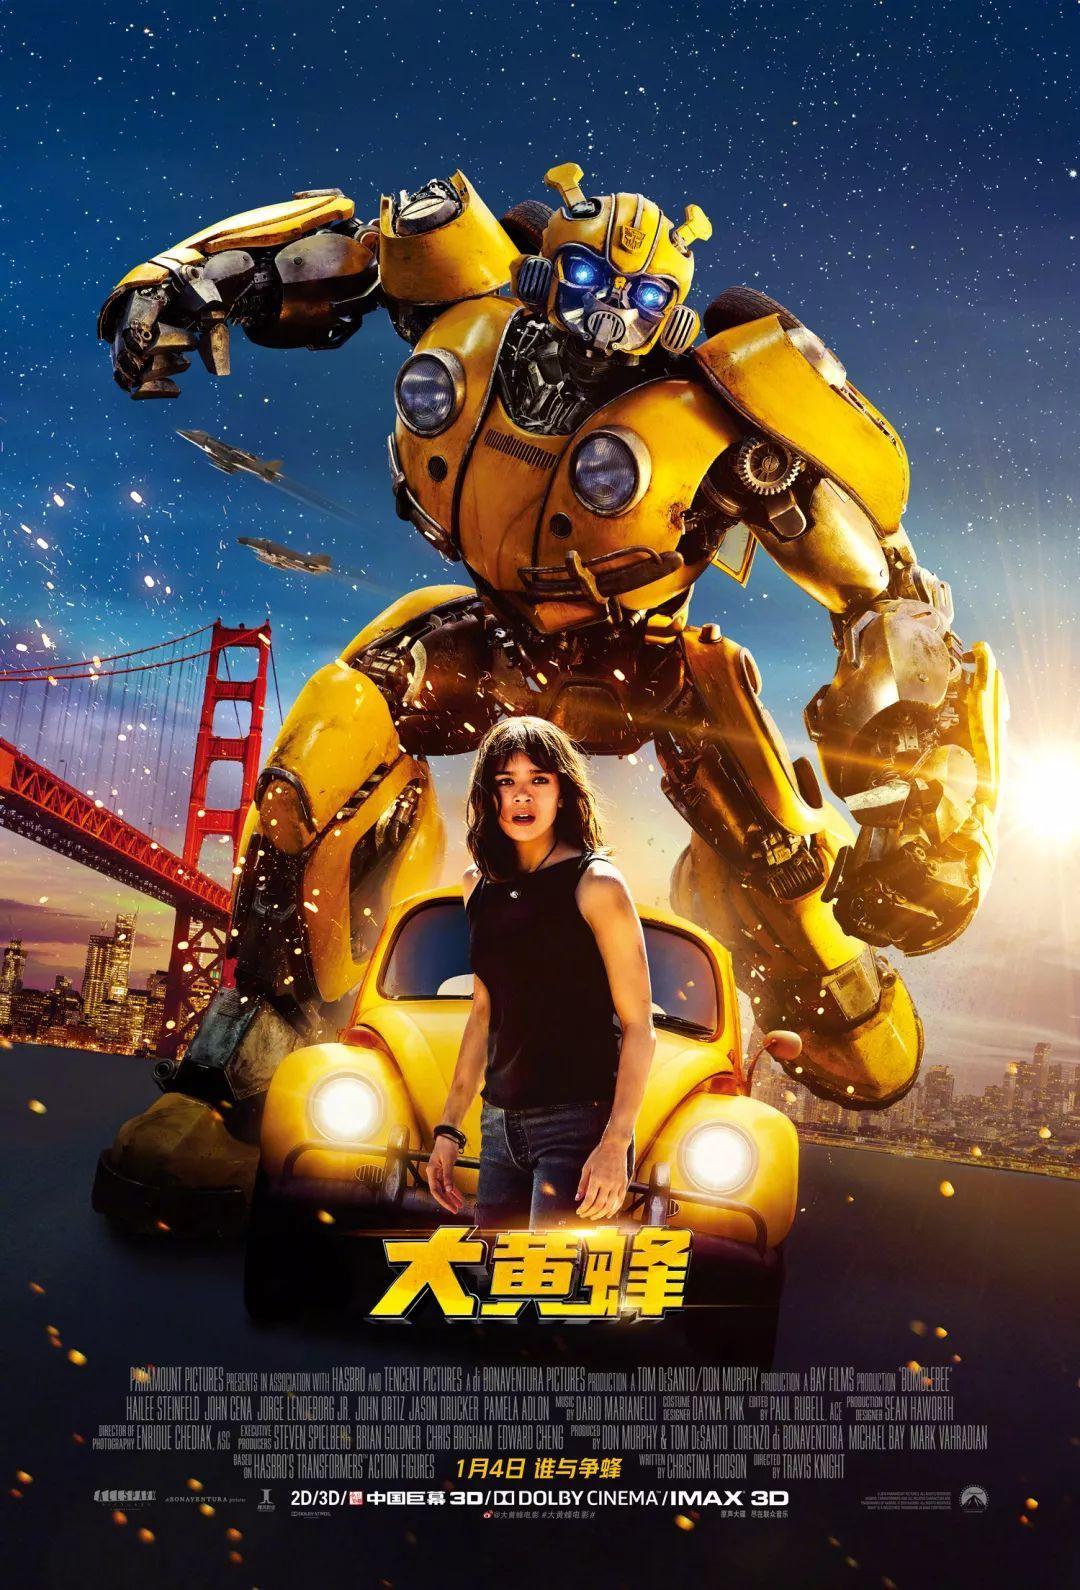 腾讯影业与派拉蒙影业联合出品电影《大黄蜂》和《壮志凌云》续集